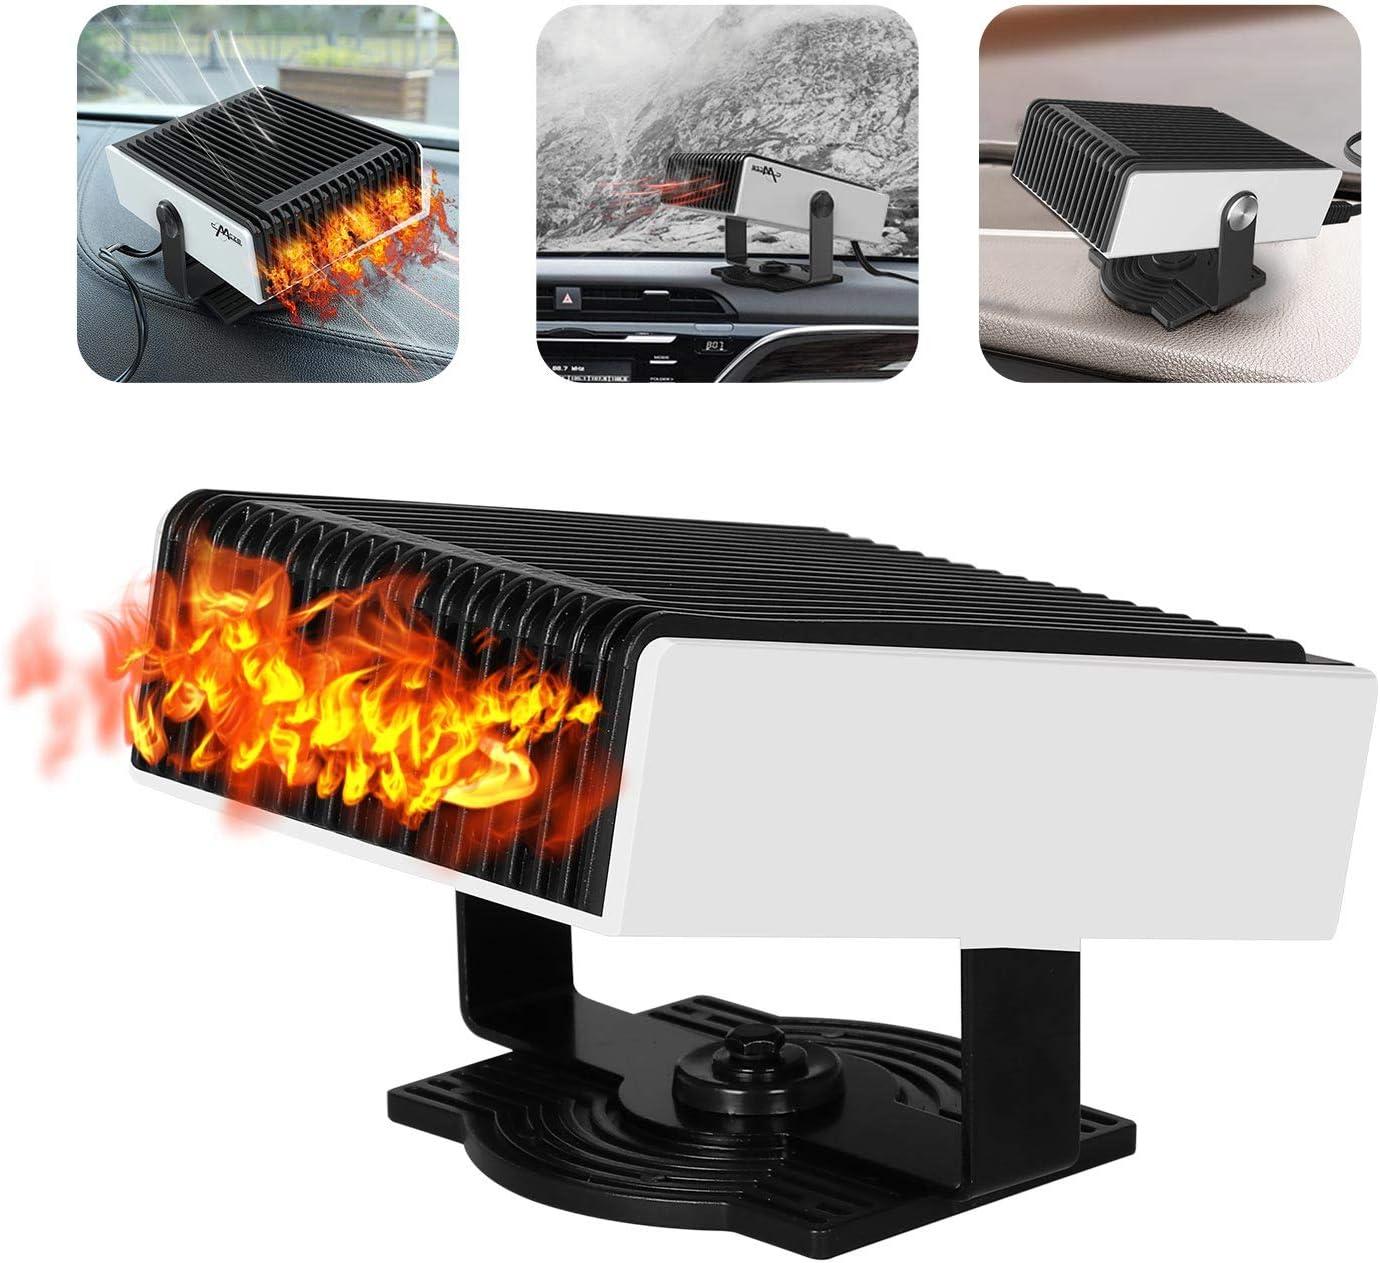 Calefactor para coche de 12 V, portátil, deshumidificador de ventanas y ventilador 2 en 1, descongela el parabrisas con calentamiento rápido, poco ruido